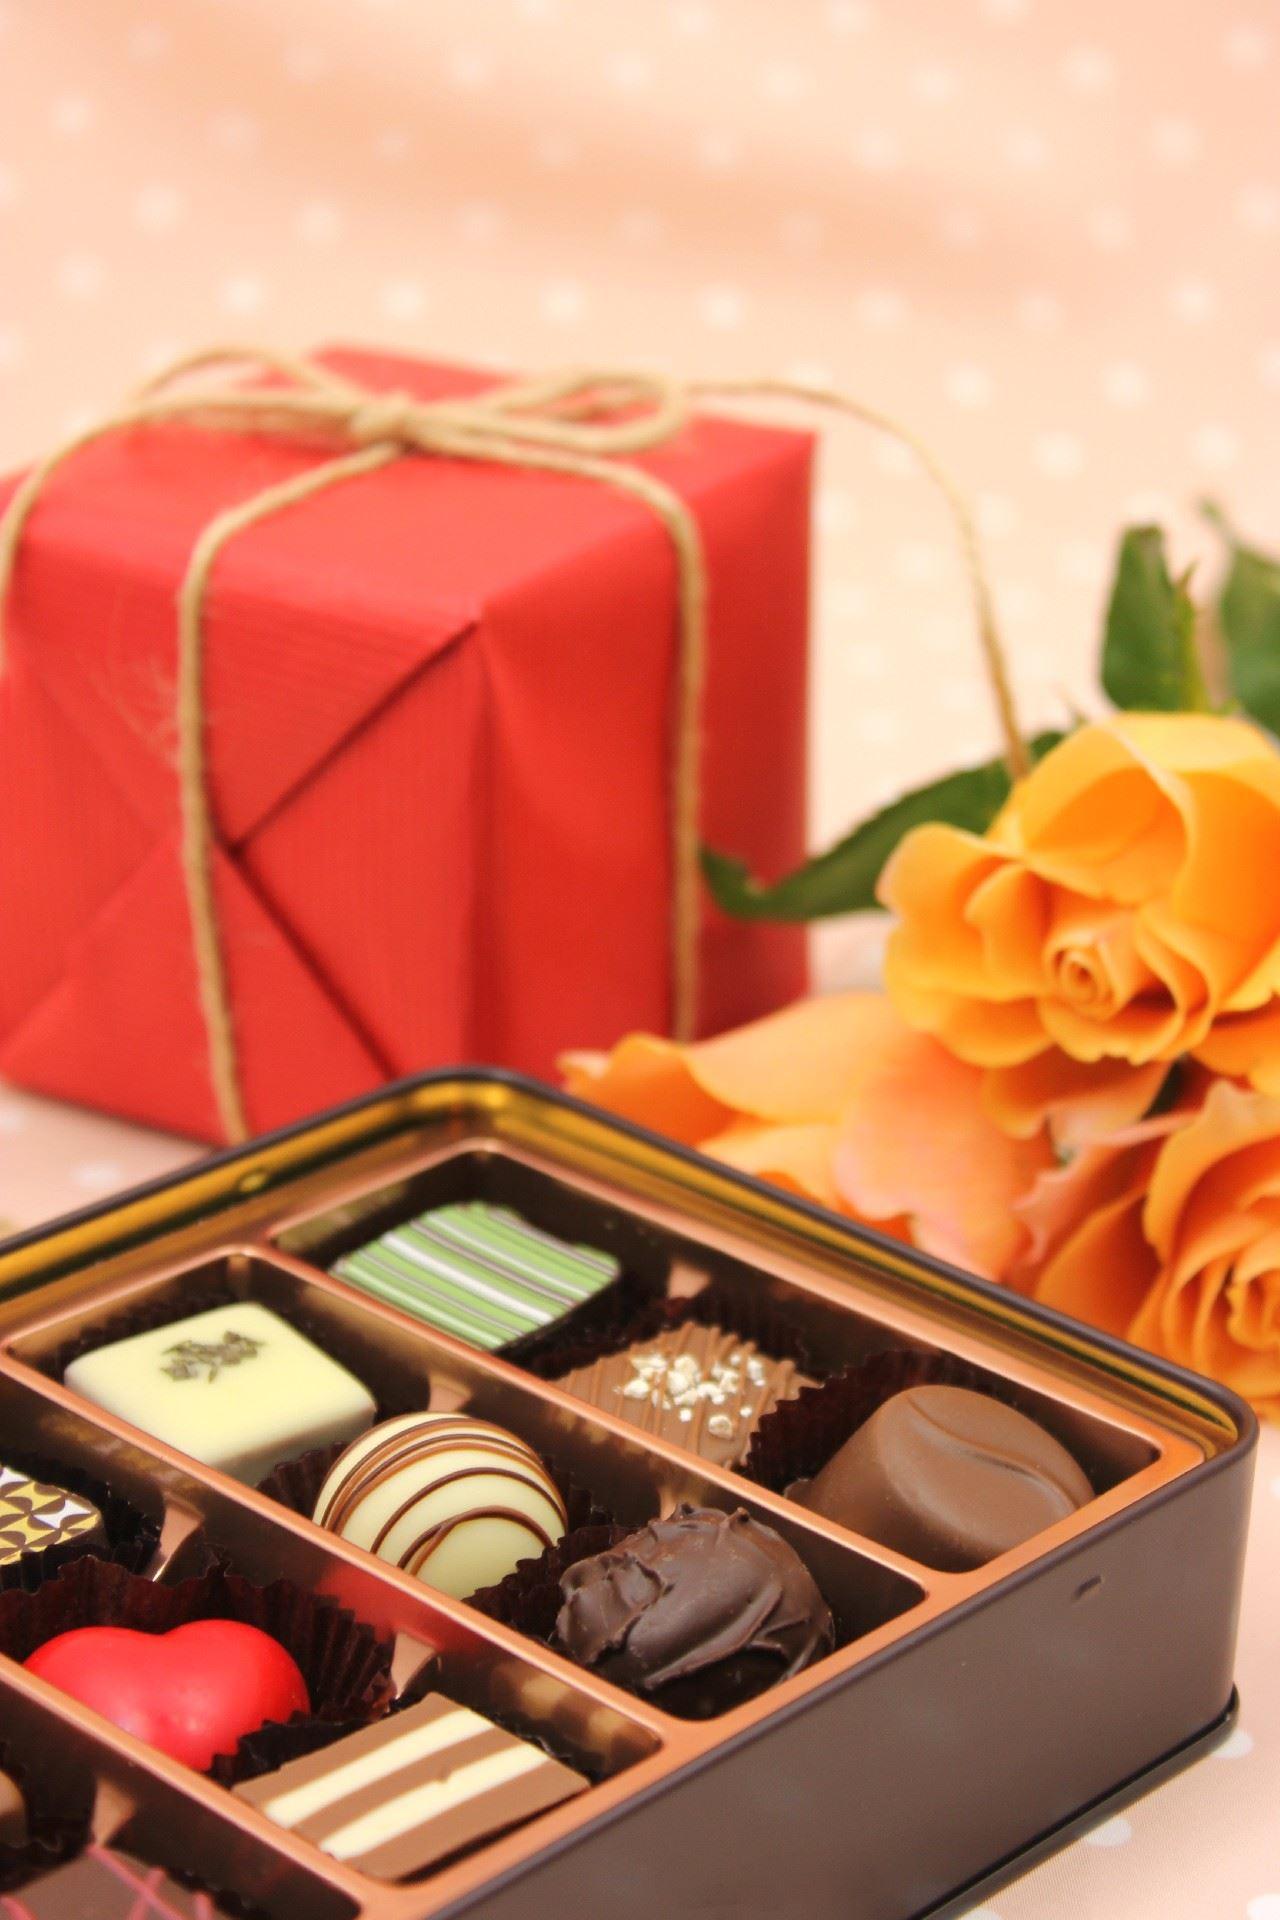 チョコレートのプレゼントのイメージ写真